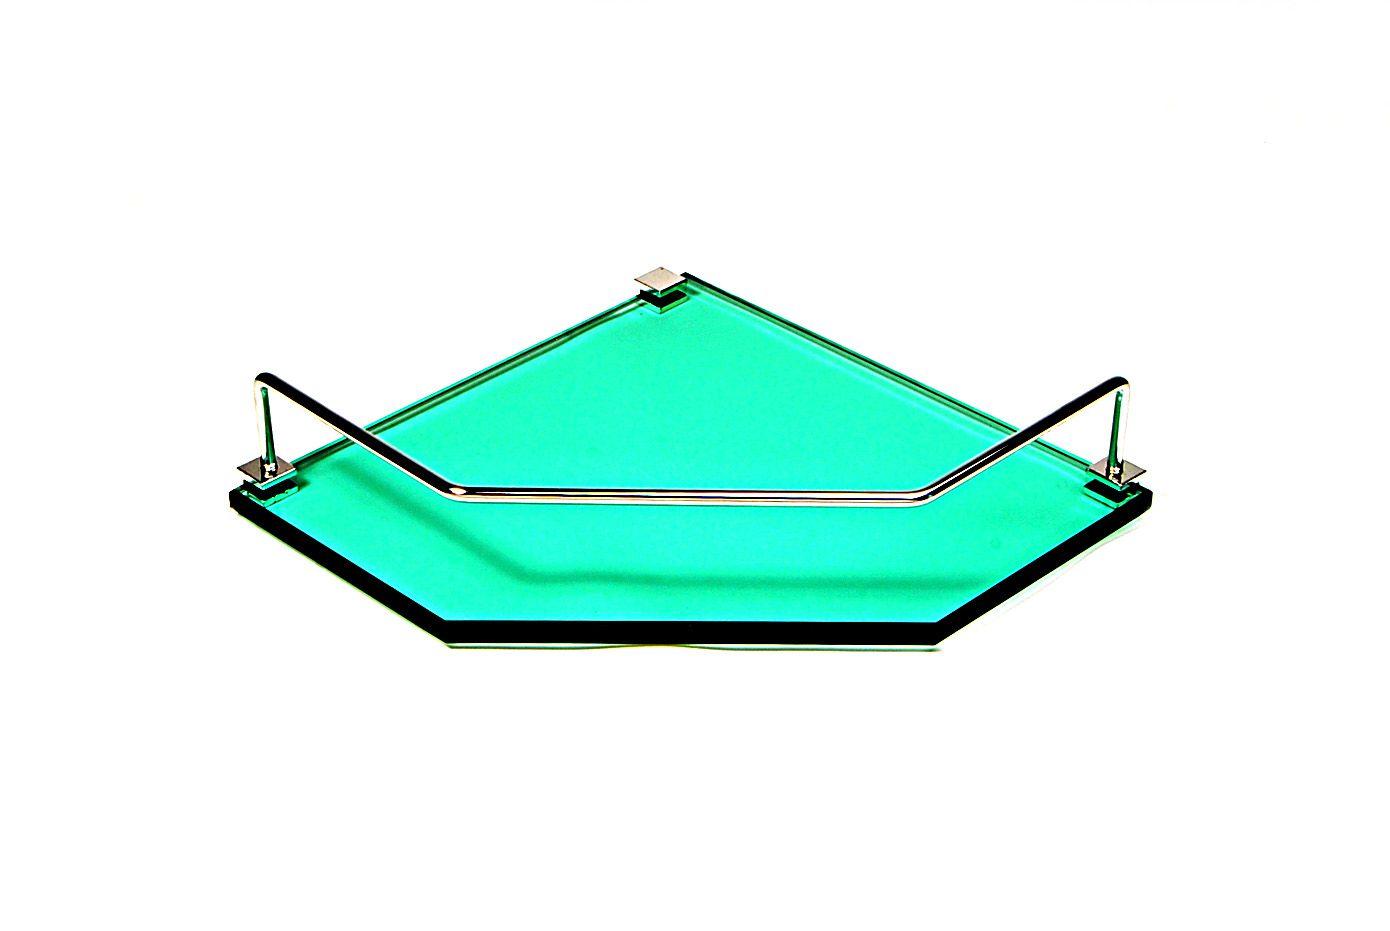 Porta Shampoo Canto Reto em Vidro Verde Lapidado - Aquabox  - 25cmx25cmx10mm